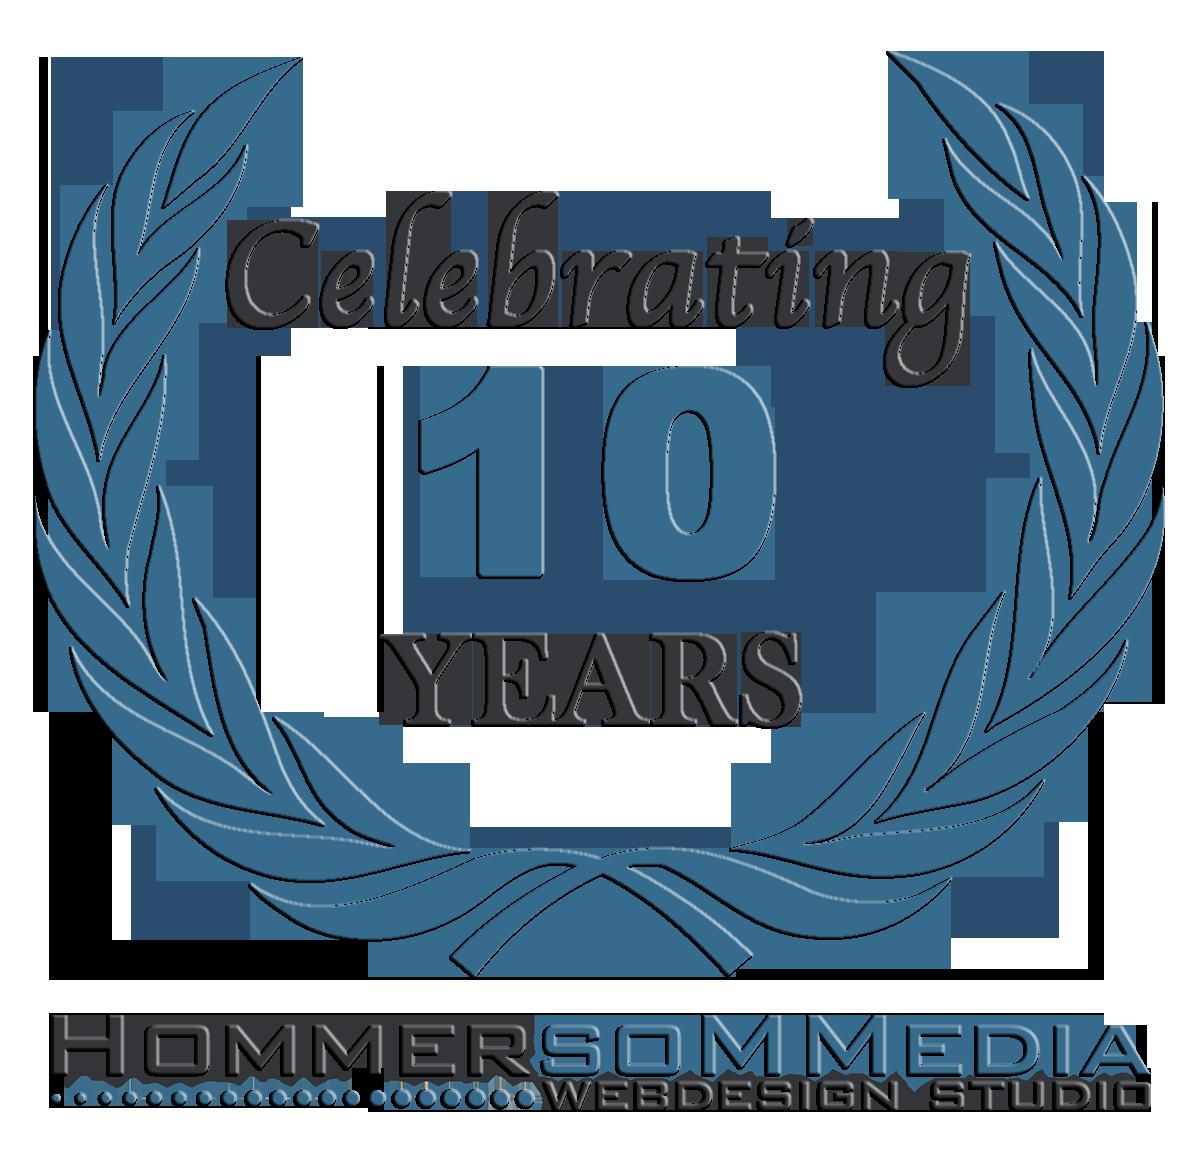 Hommersom Media 10 Jaar